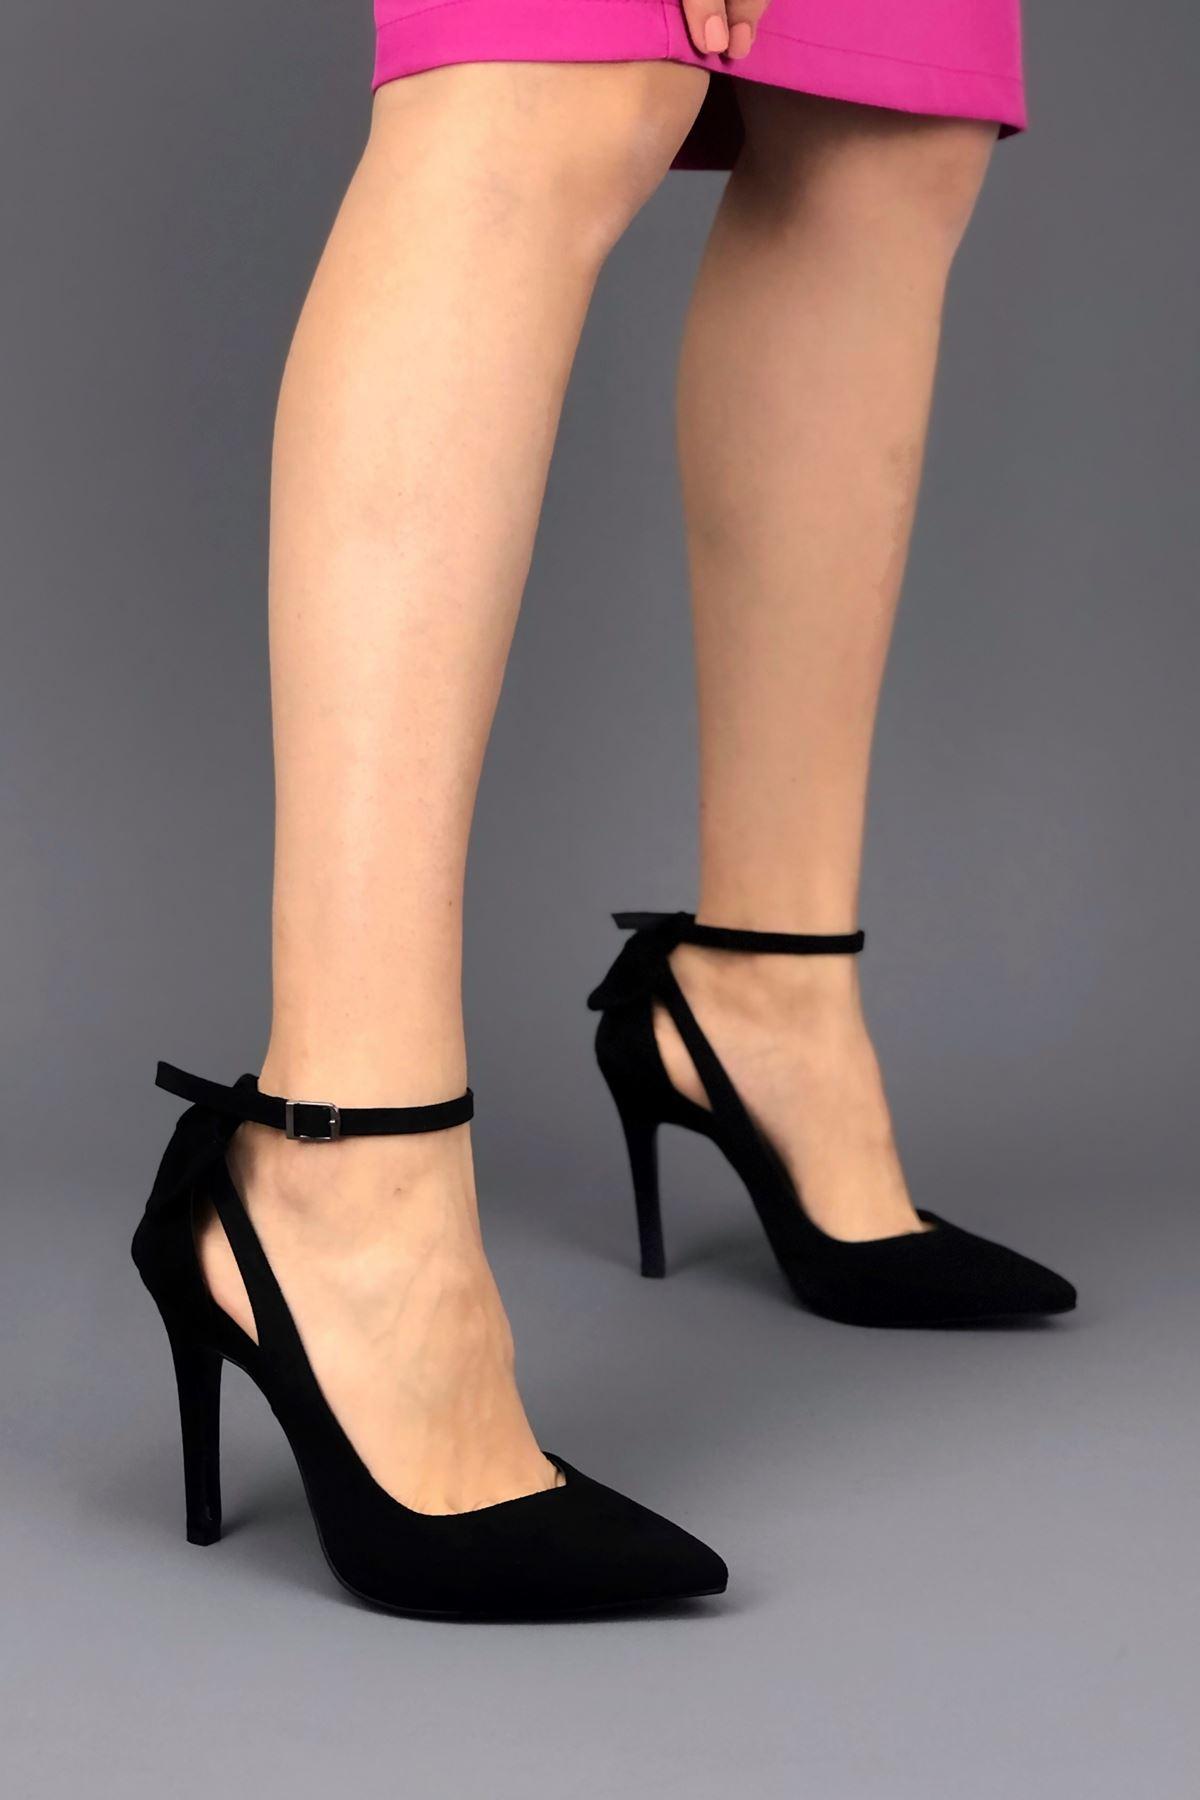 Luther Papyonlu Siyah Süet Kadın Ayakkabı